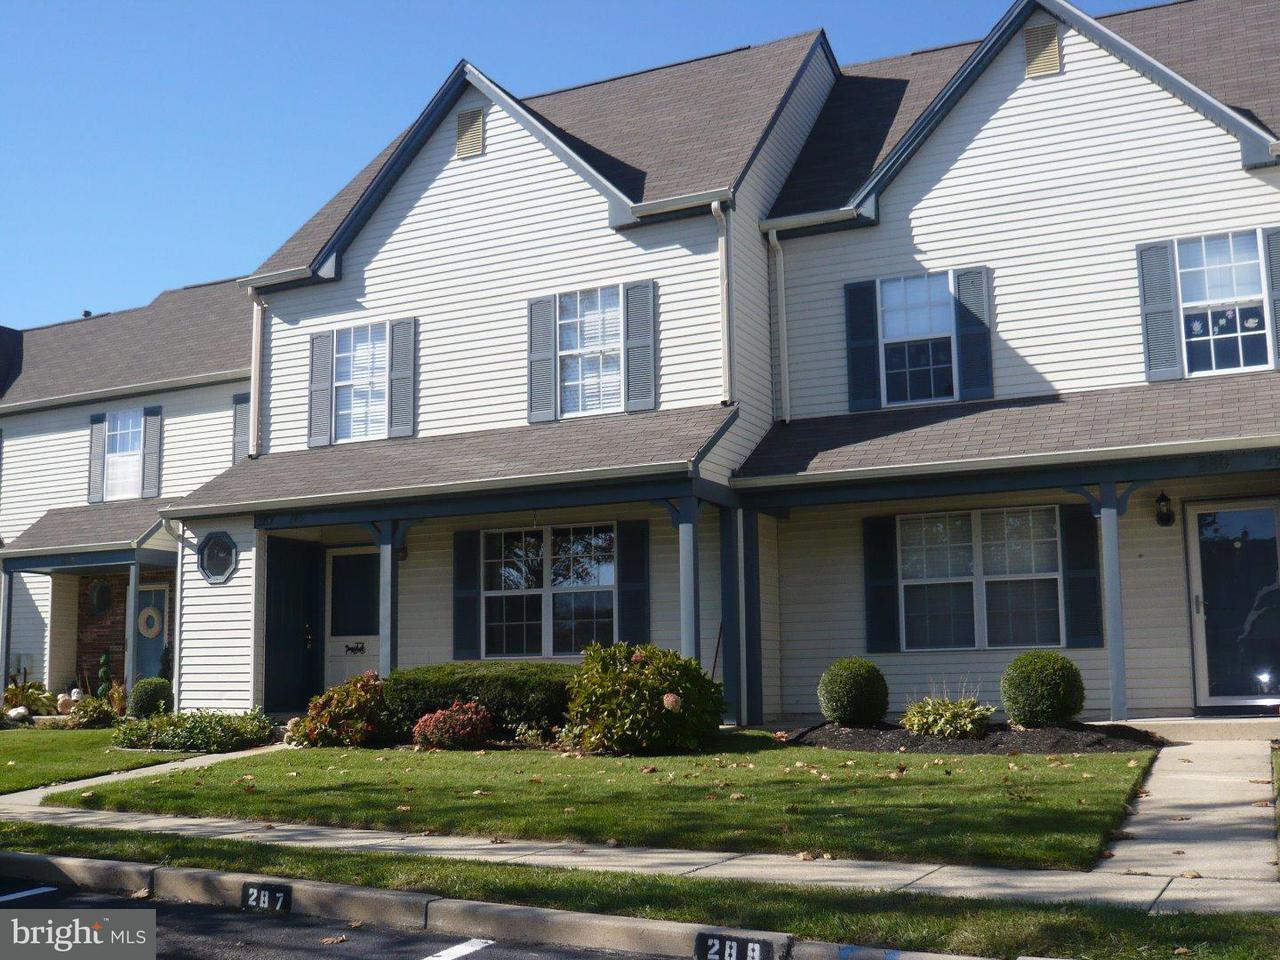 独户住宅 为 出租 在 287 KNOLL Drive Blackwood, 新泽西州 08012 美国